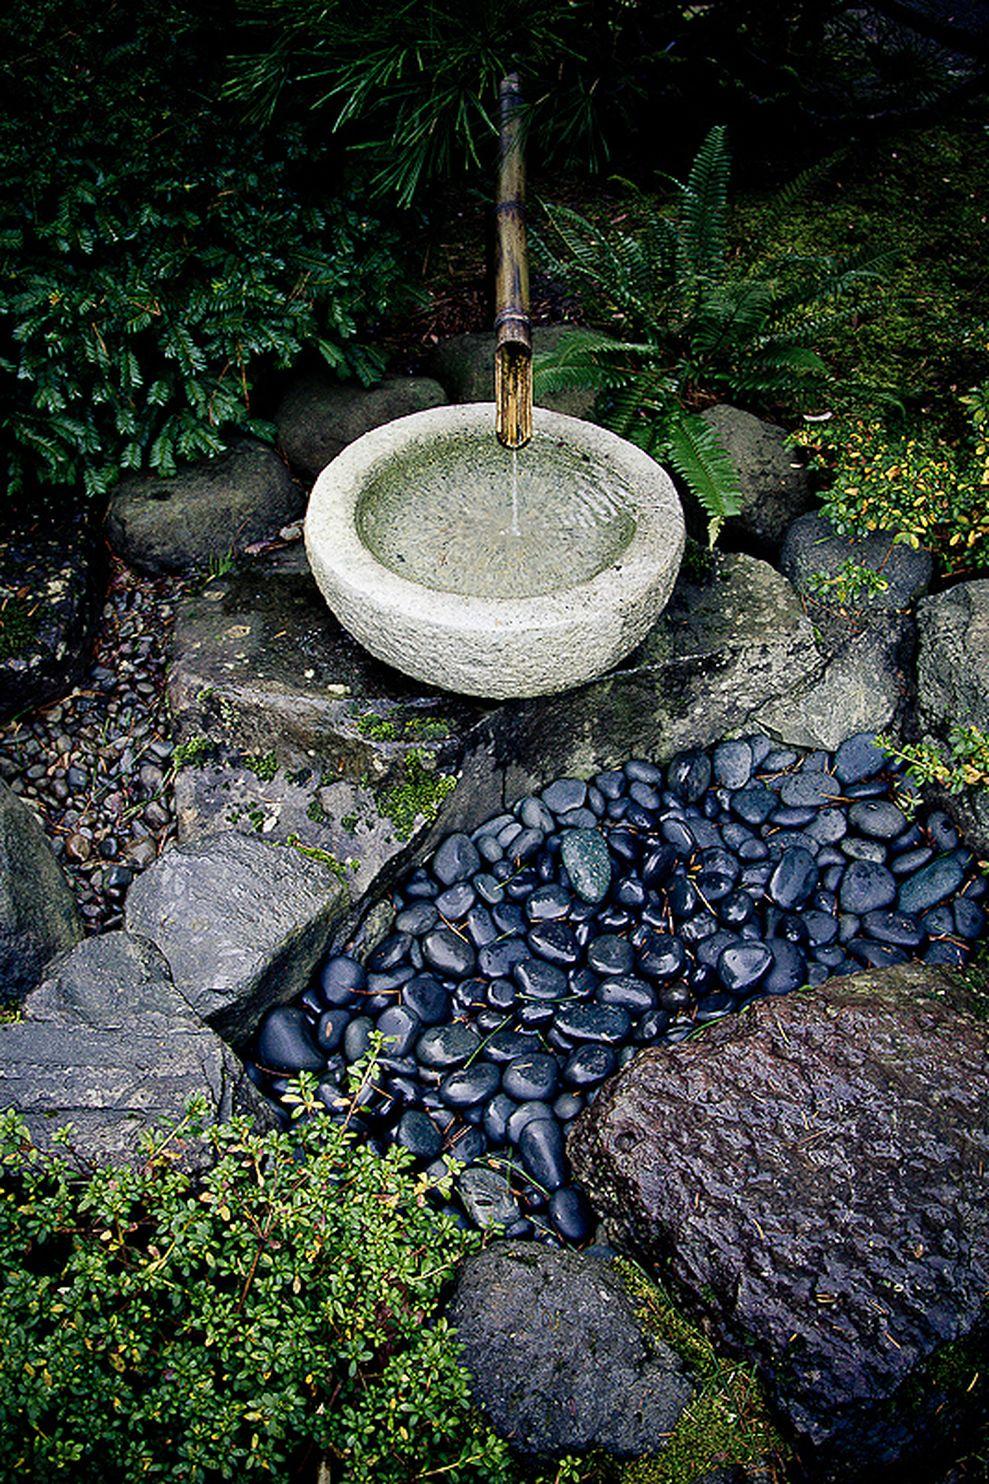 Inspiring small japanese garden design ideas 21 - ROUNDECOR